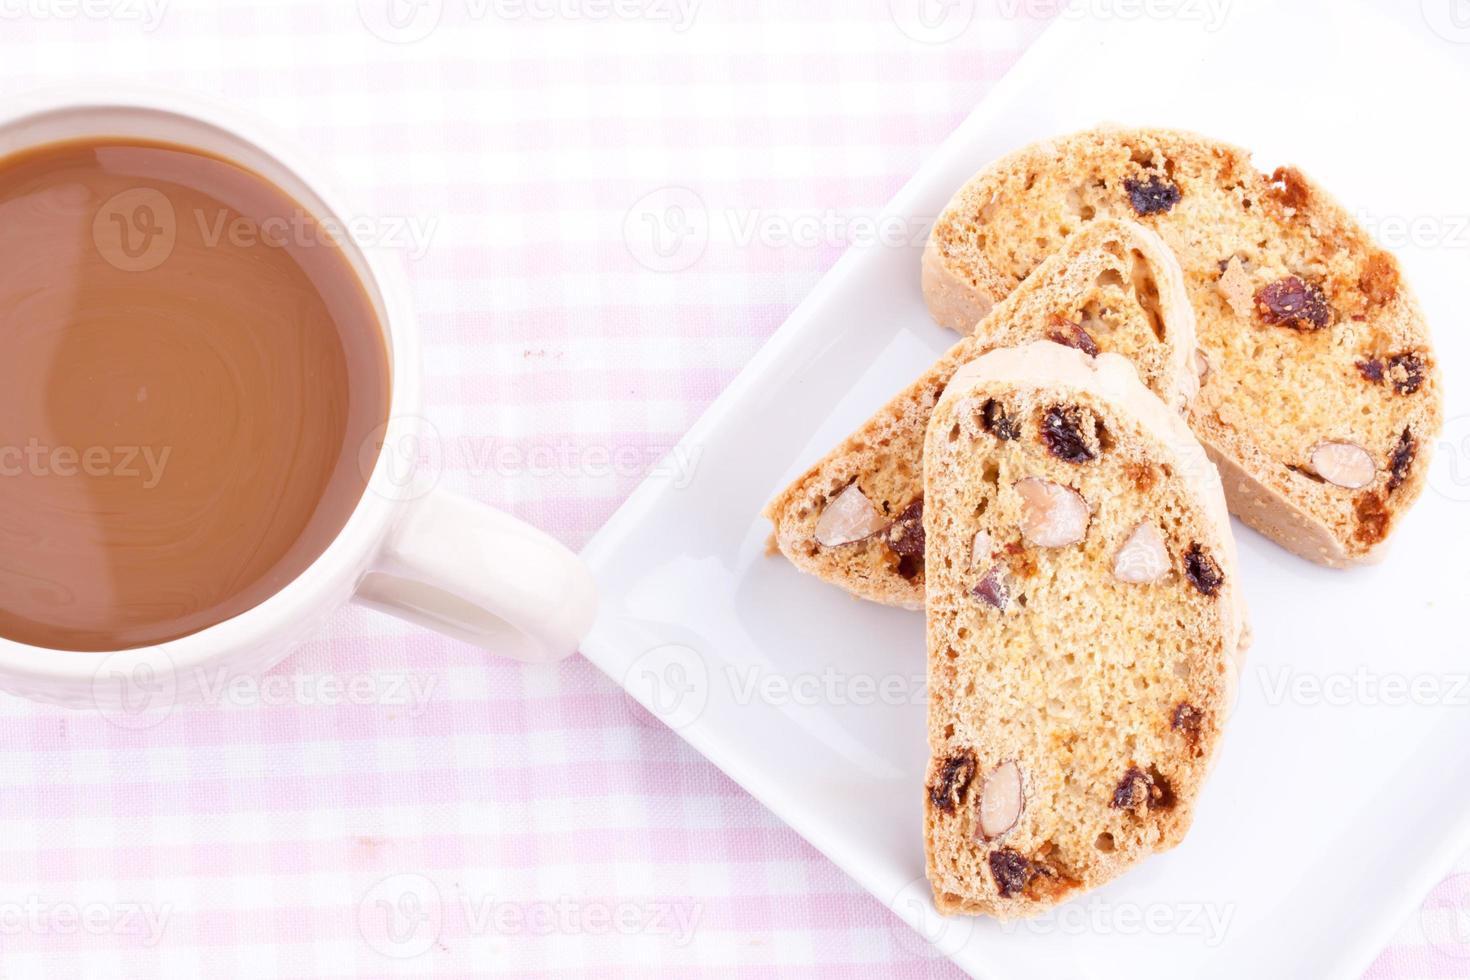 biscotti au café photo